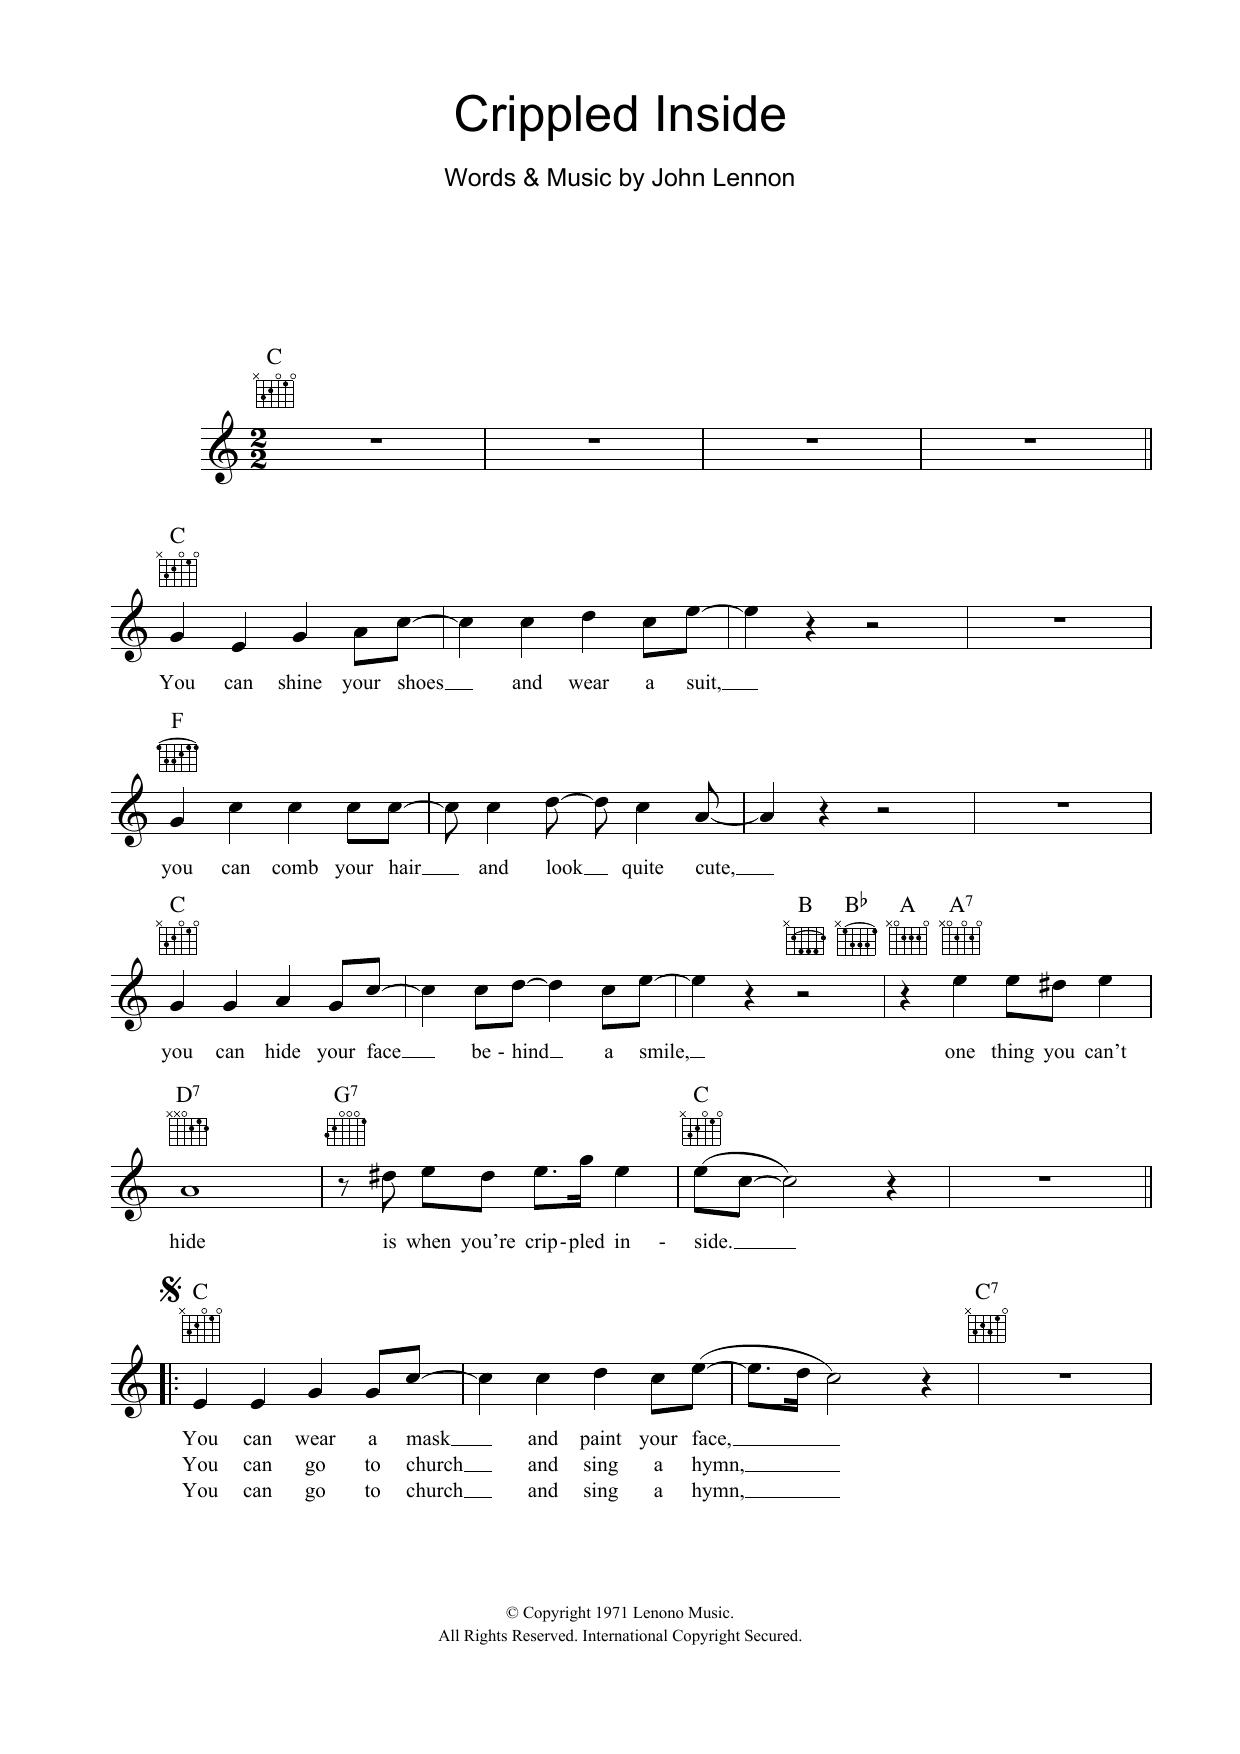 Crippled Inside Sheet Music